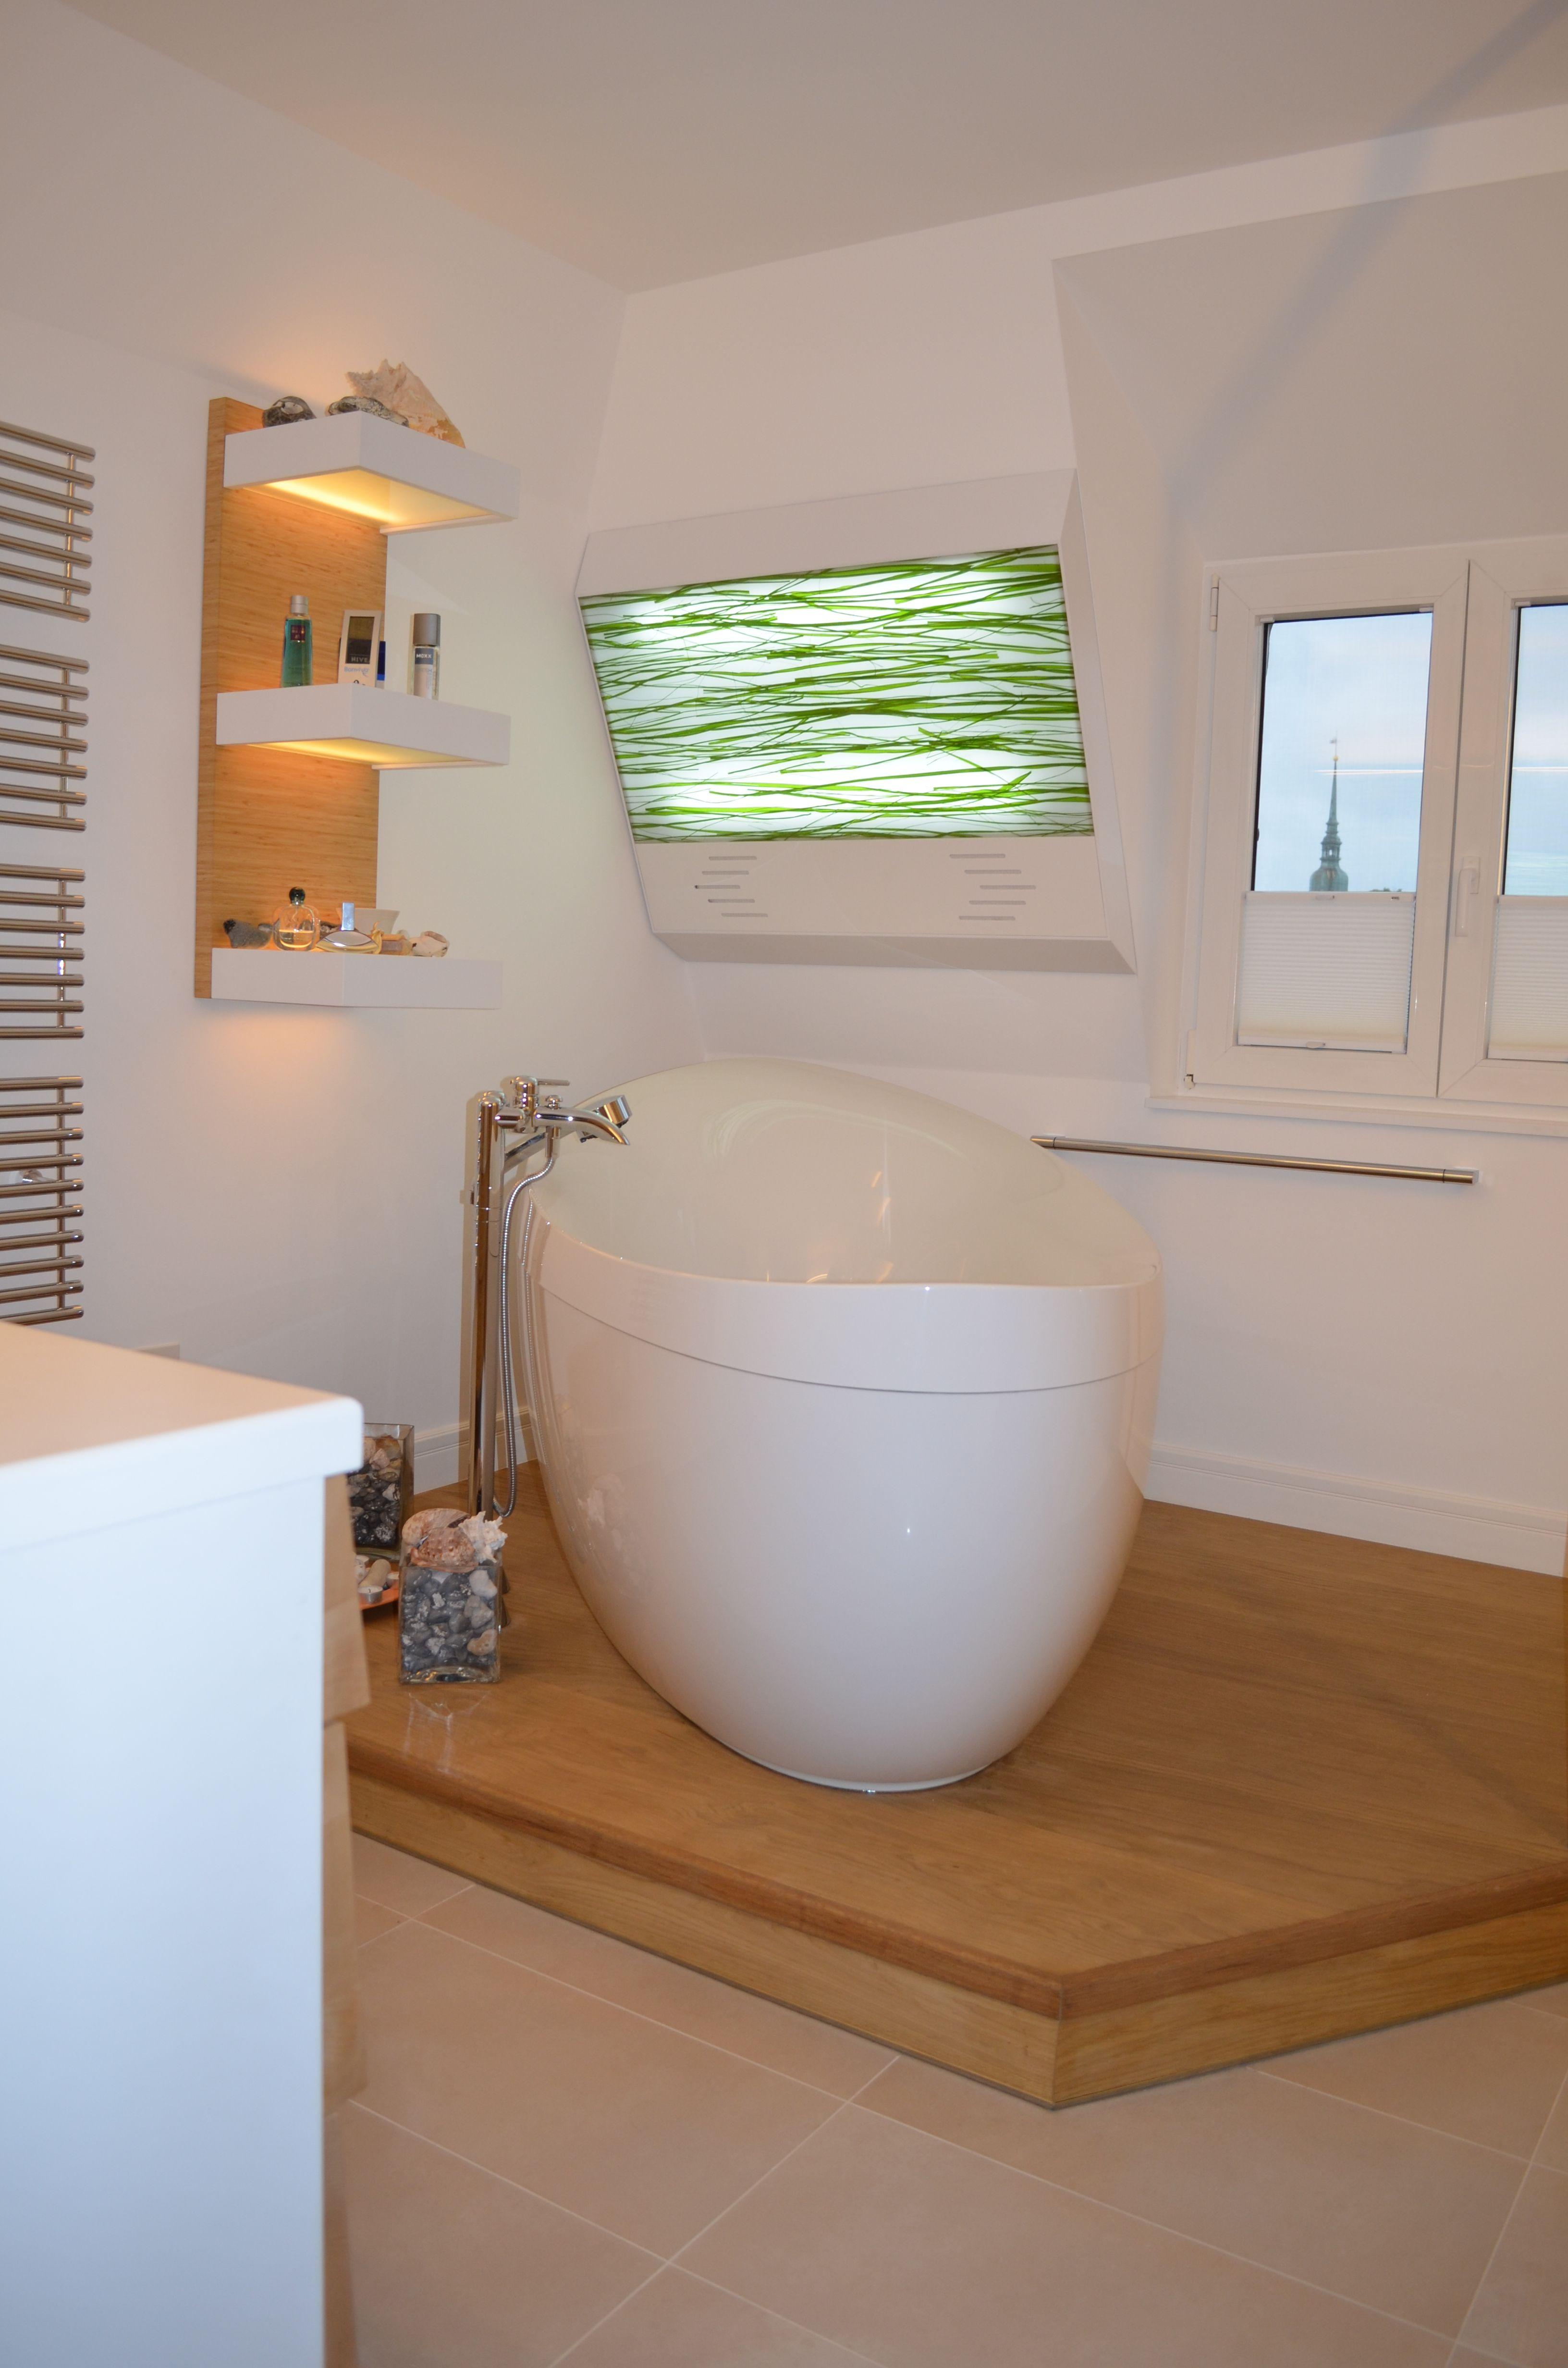 Badezimmer design beleuchtung holzboden im badezimmer wunderbare haptik für die füße  bäder